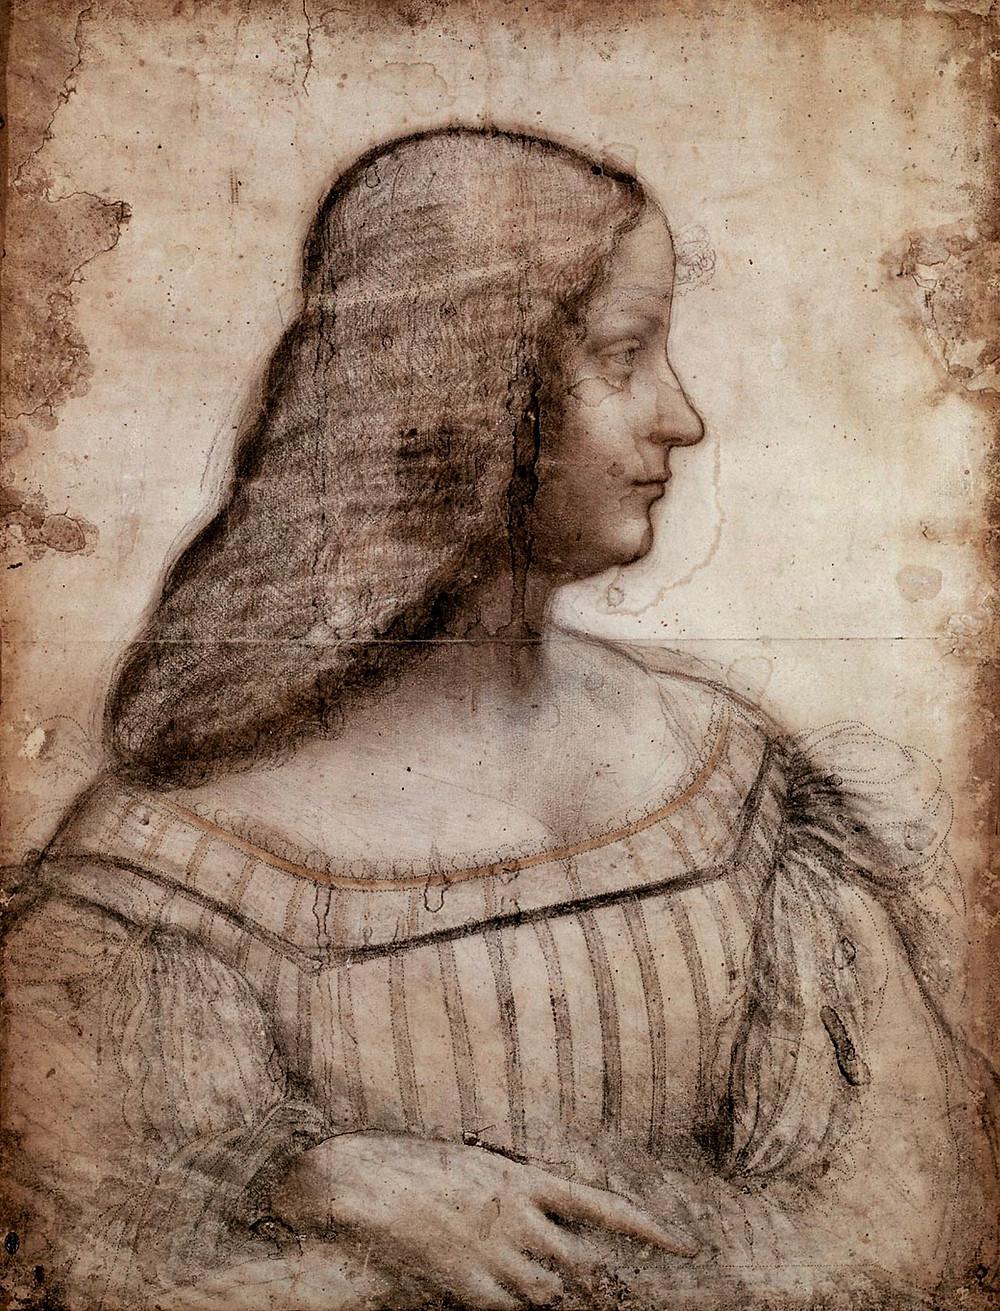 Leonardo da Vinci, Sketch of Isabella d'Este, circa 1500 --in the Louvre